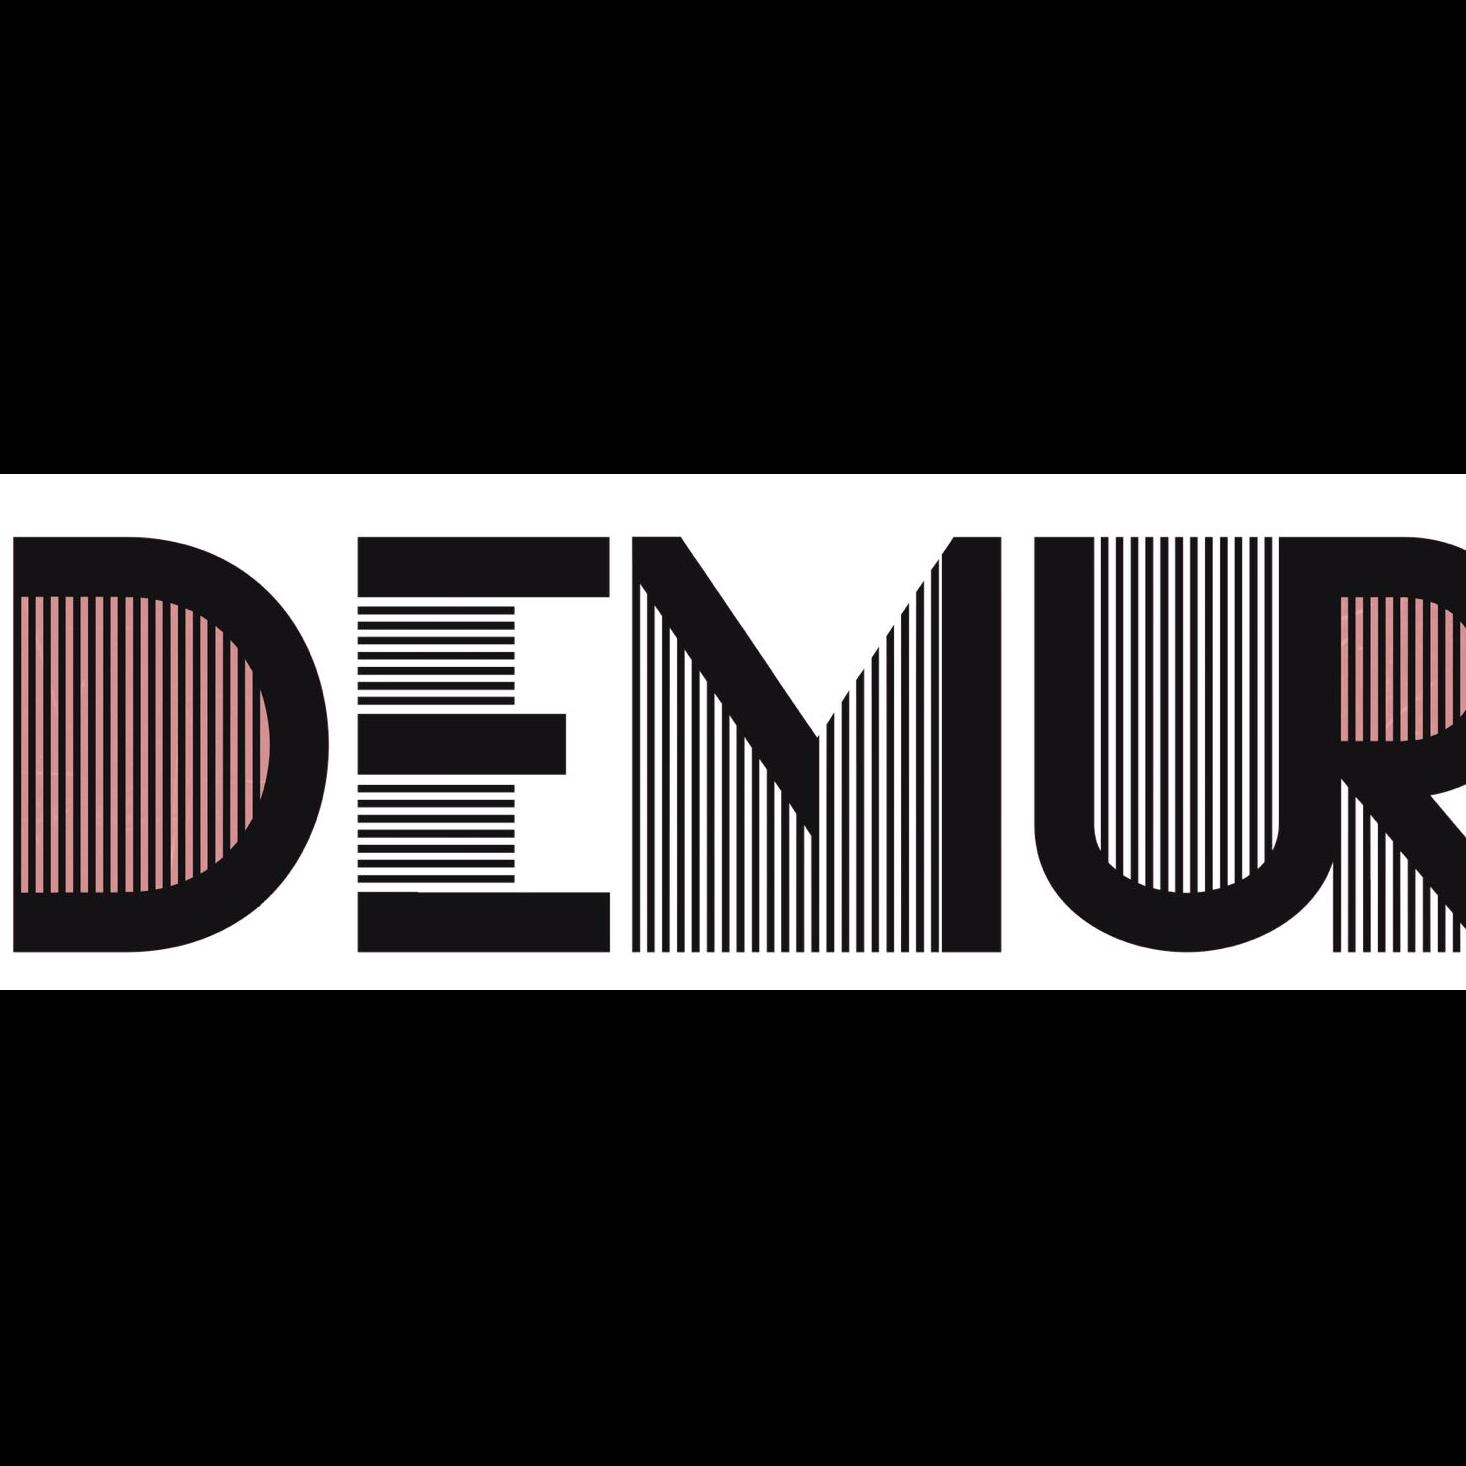 Demur Ltd